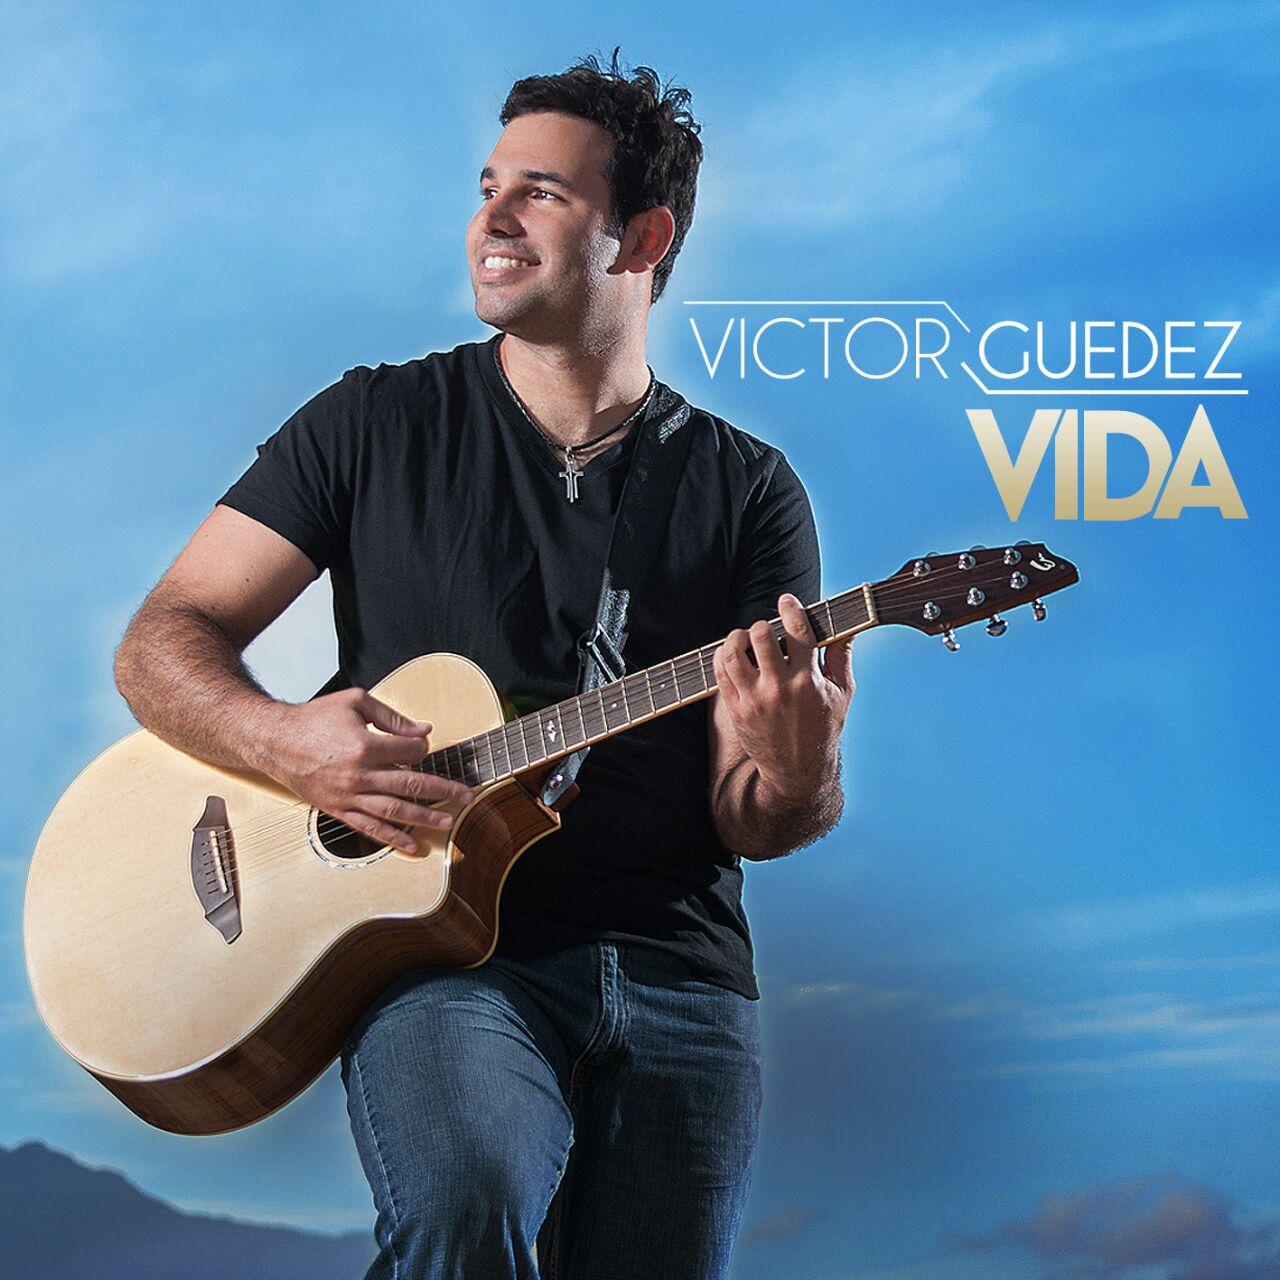 Víctor Guédez Vida